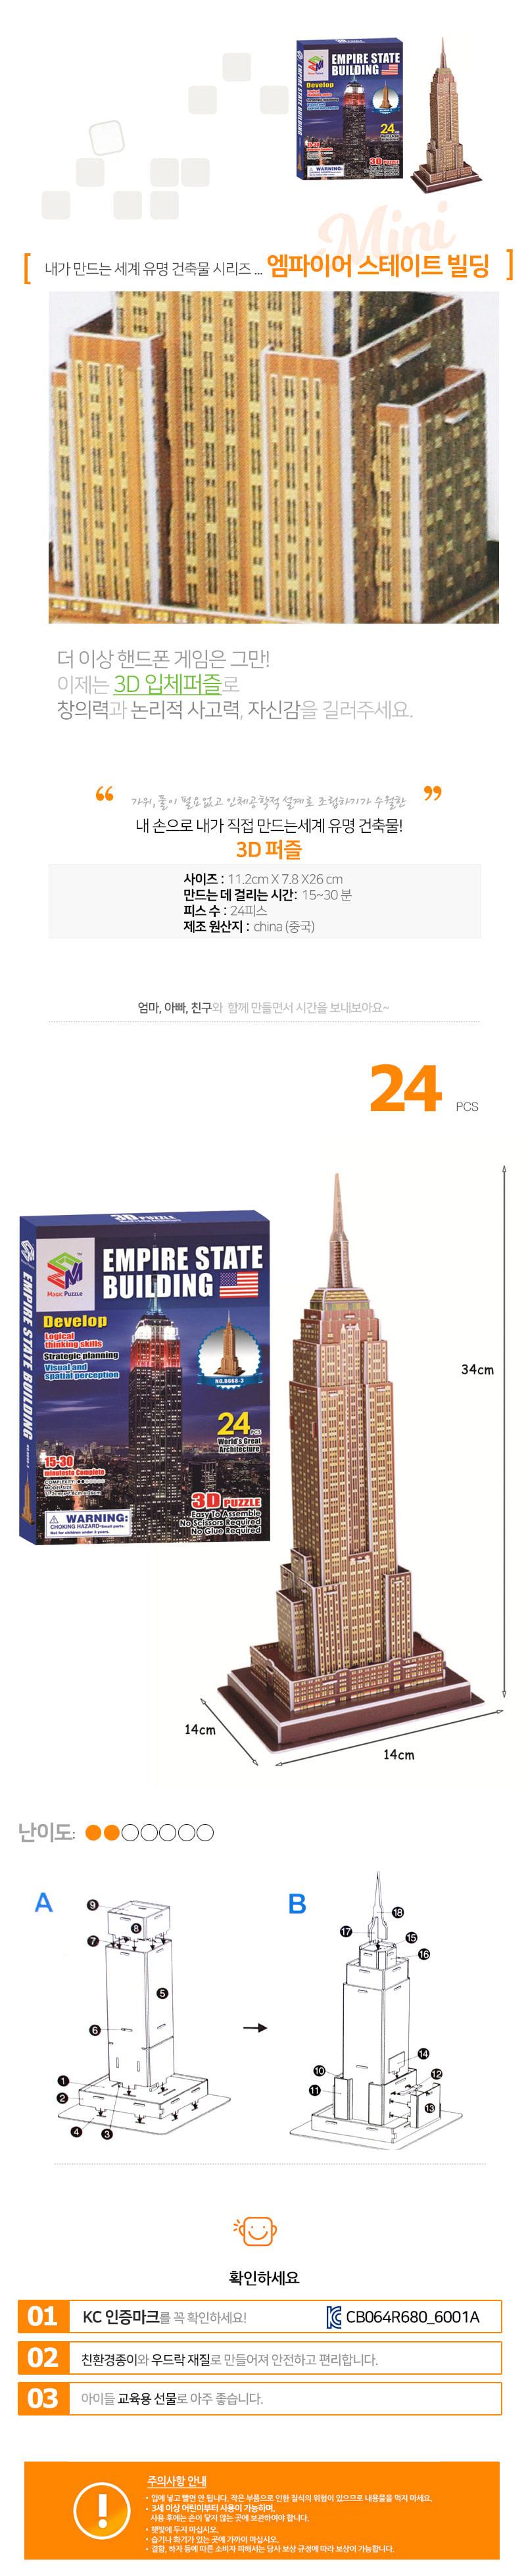 (초급)엠파이어 스테이트빌딩(24pcs)세계 유명 건축물 - 빅드림, 2,610원, 조각/퍼즐, 3D입체퍼즐